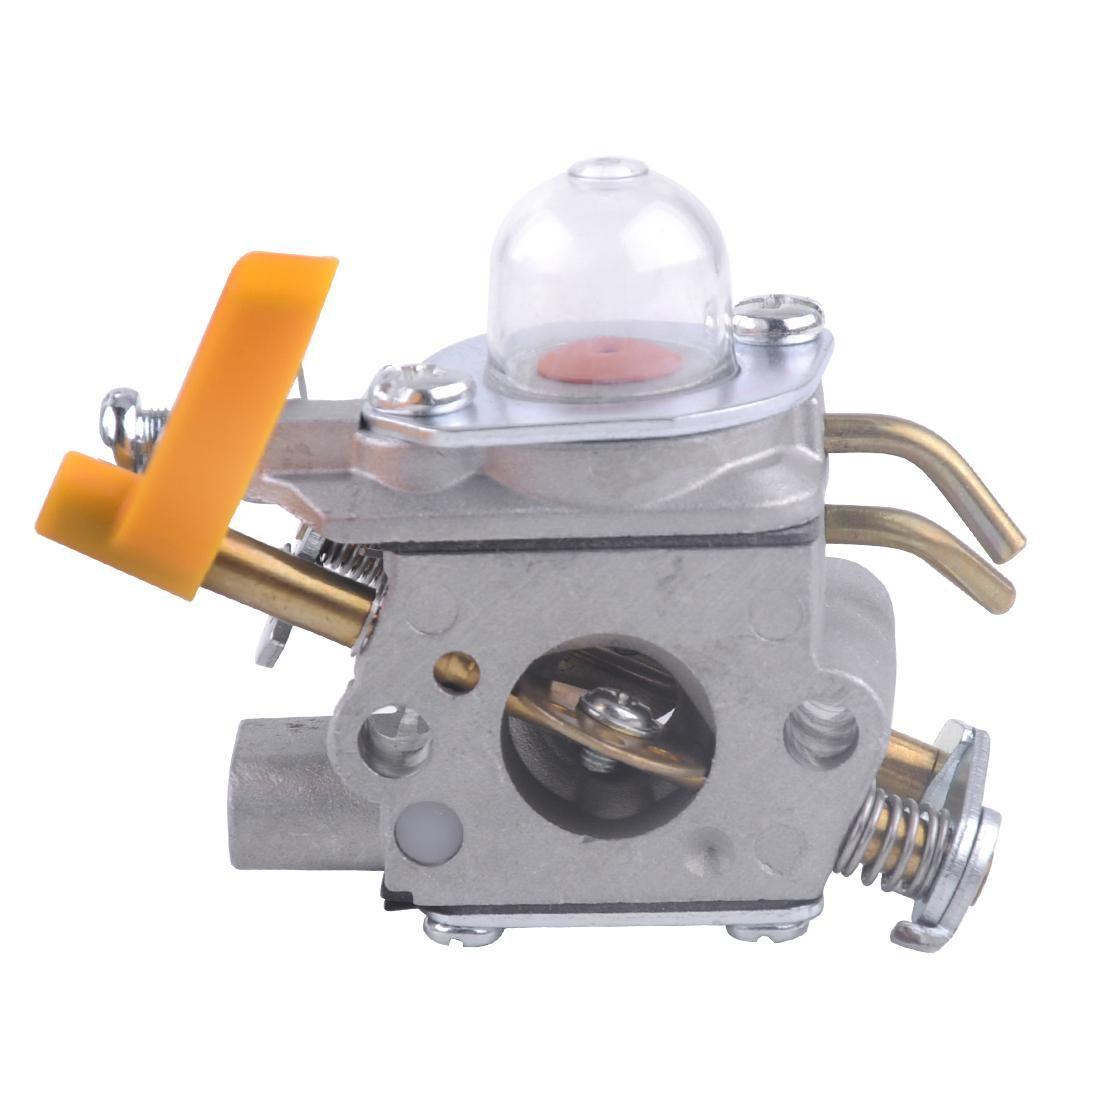 LETAOSK DC 12V Open Frame Solenoid Electromagnet 0 8N